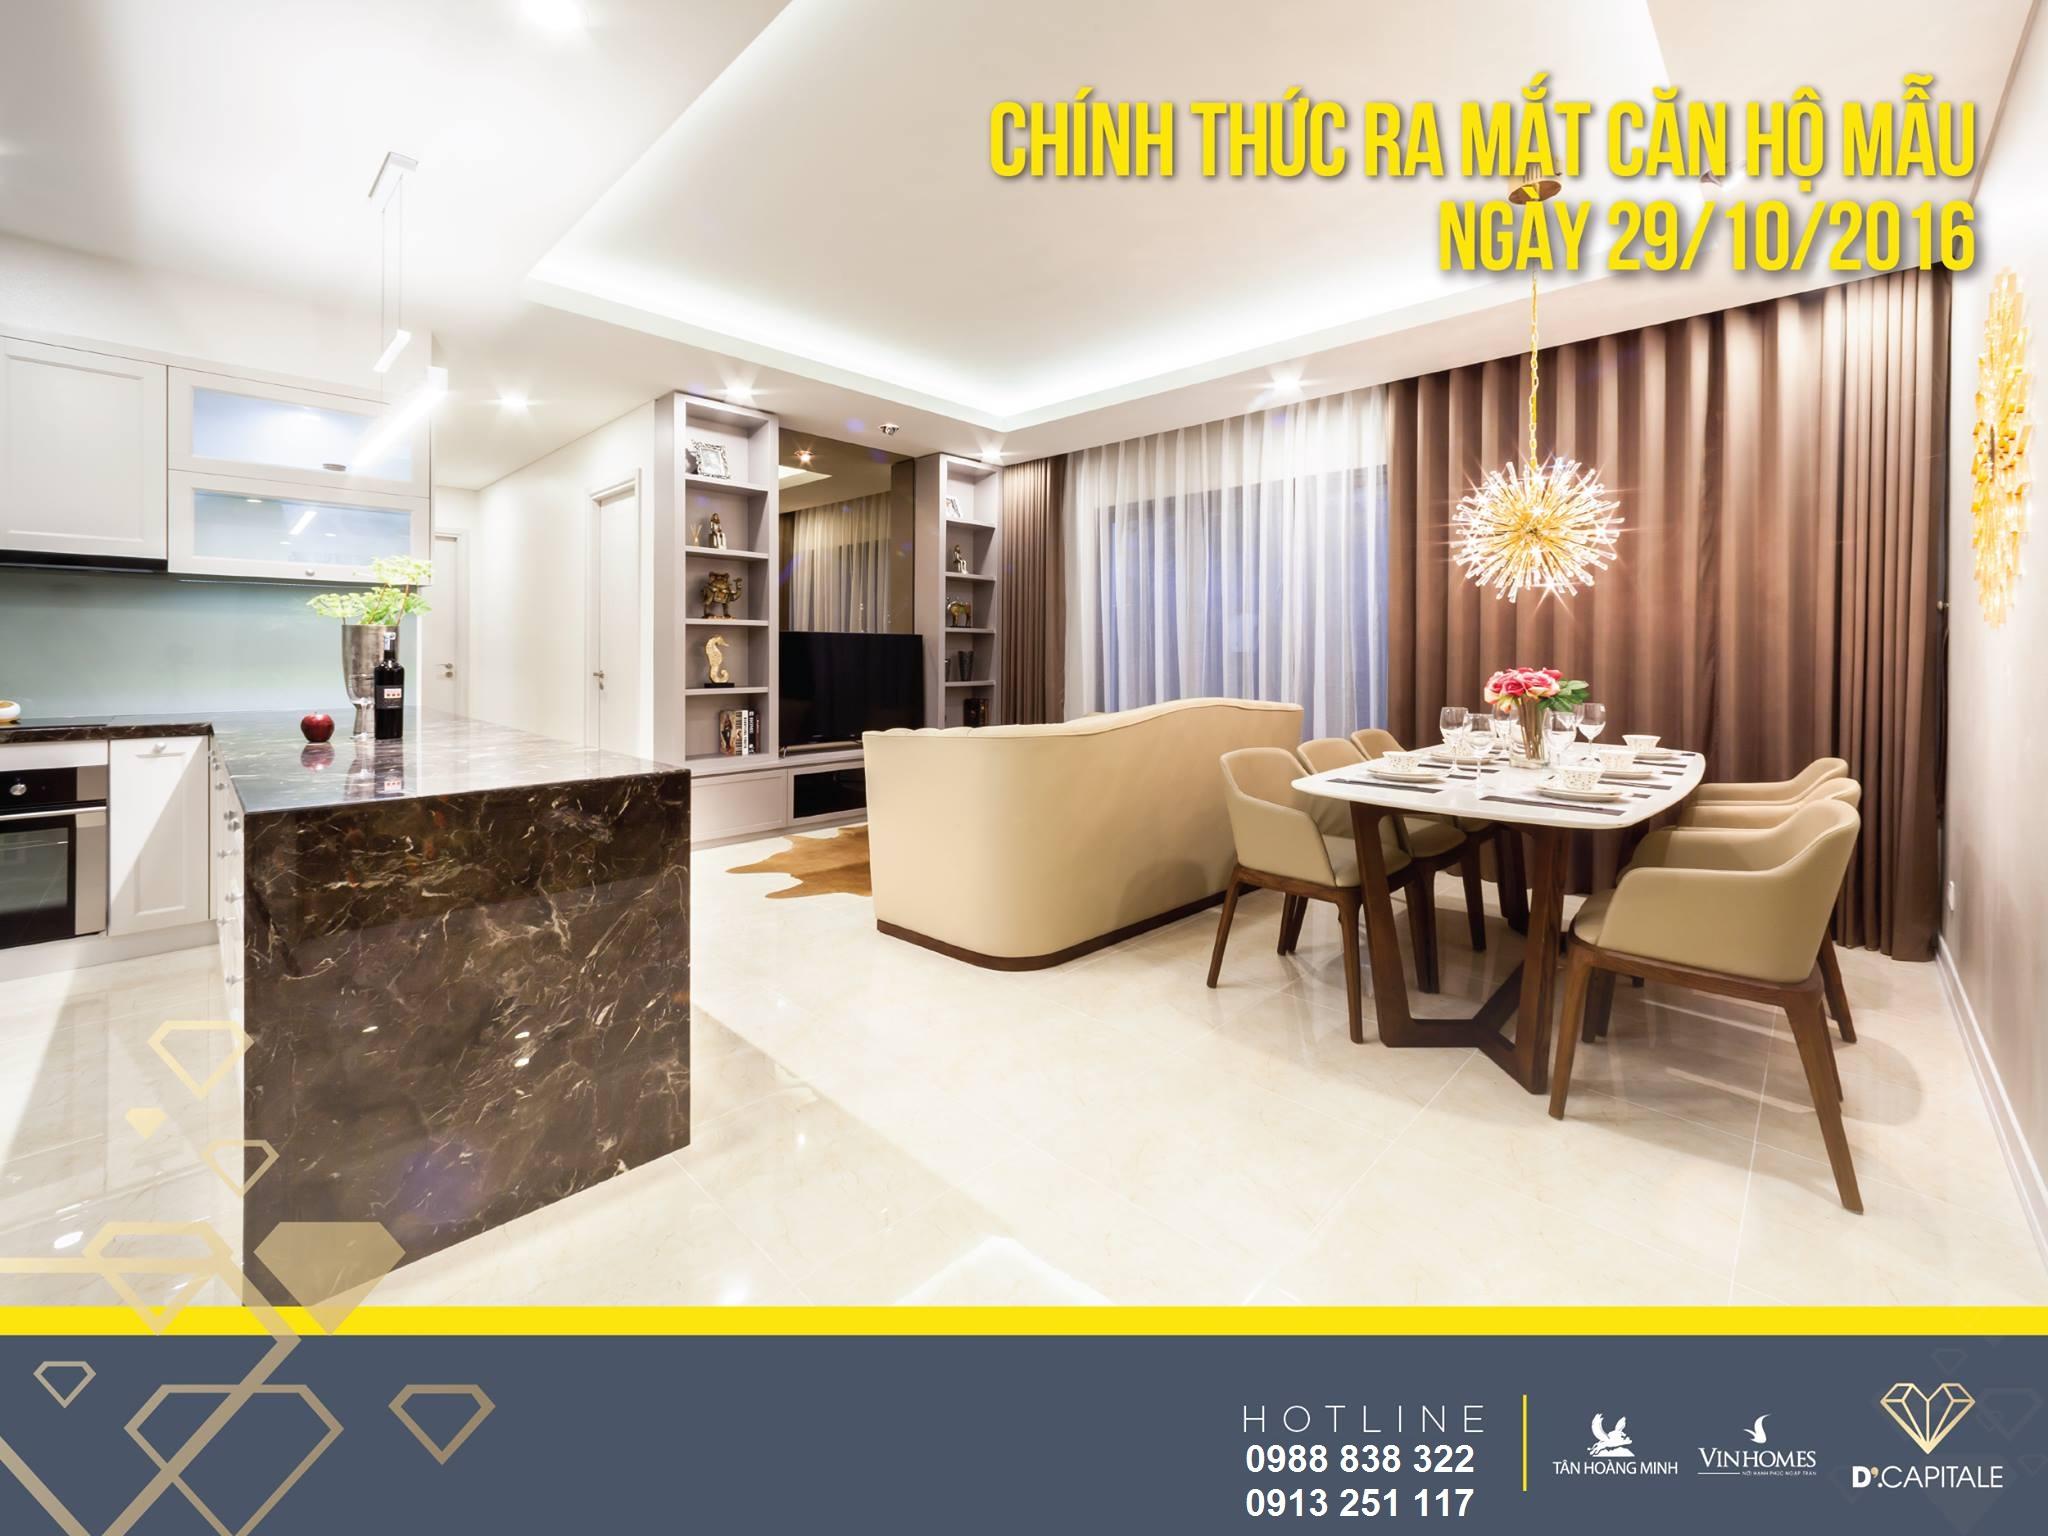 Chính thức khai trương căn hộ mẫu D'Capitale ngày 29/10/2016